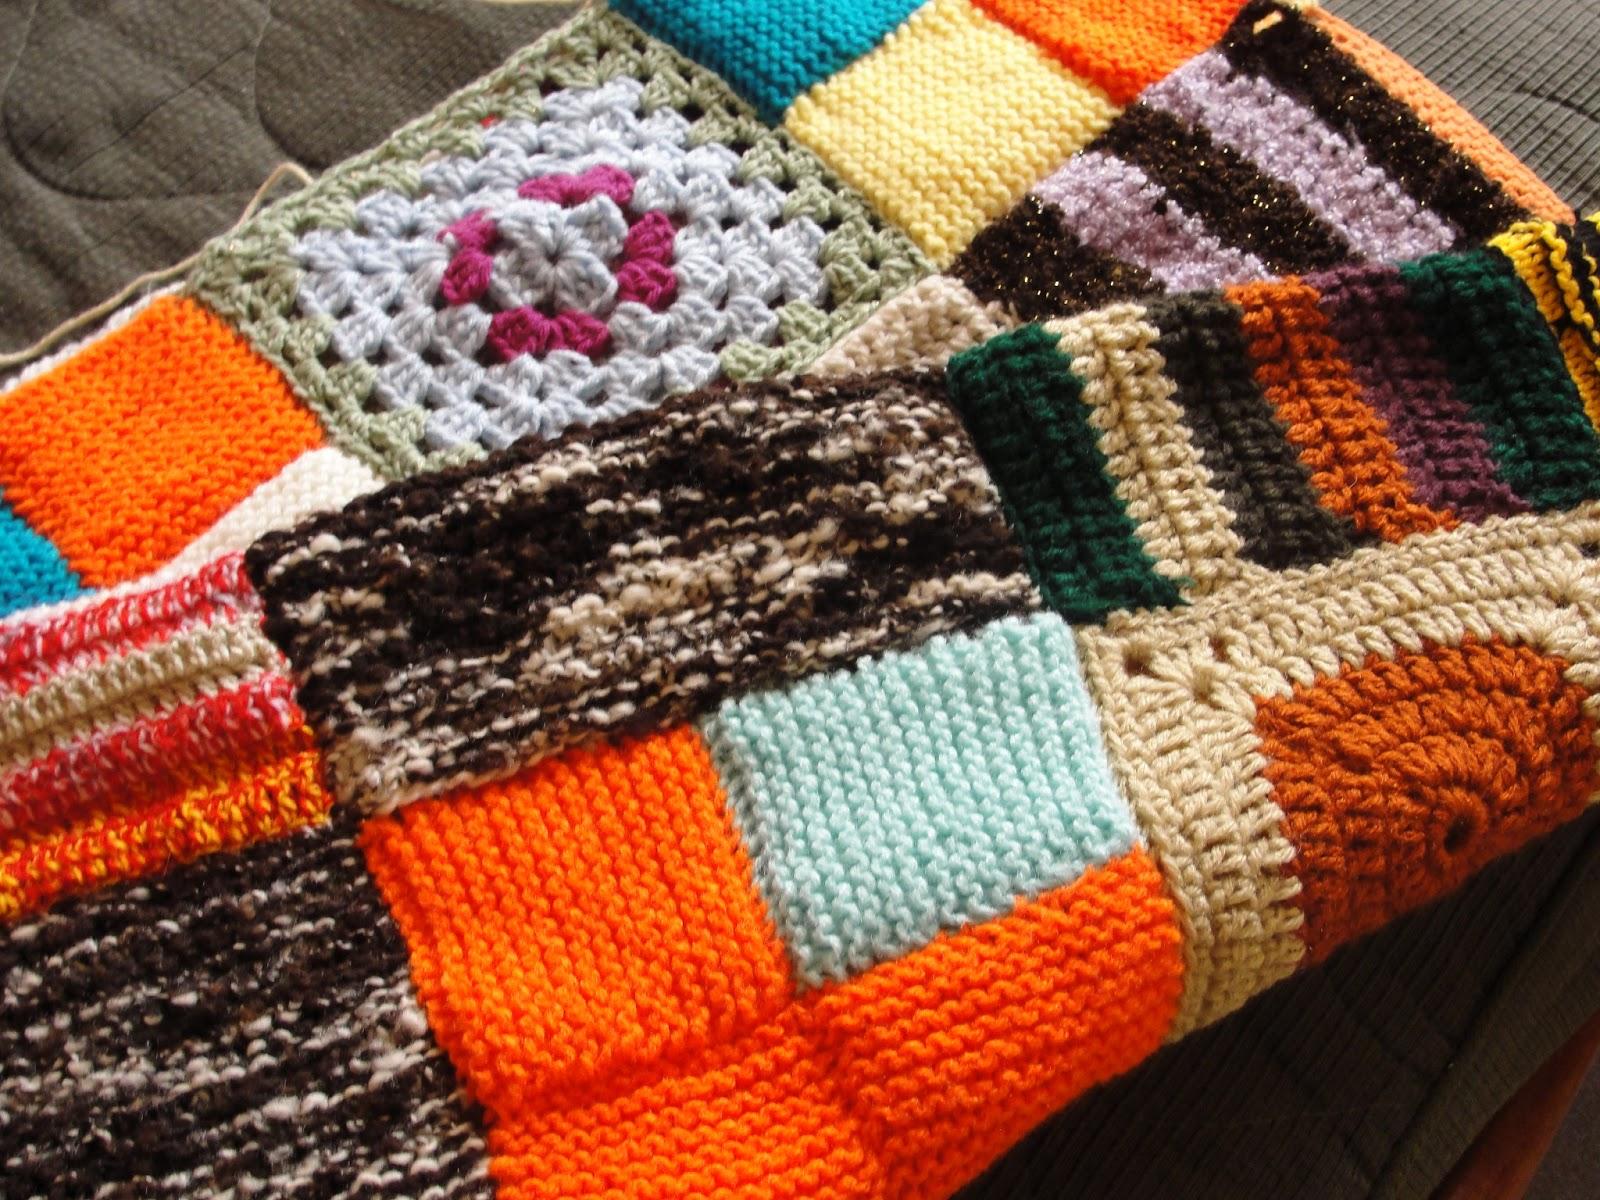 Tejiendo crochet tricot con pasi n tejido solidario - Mantas con fotos ...